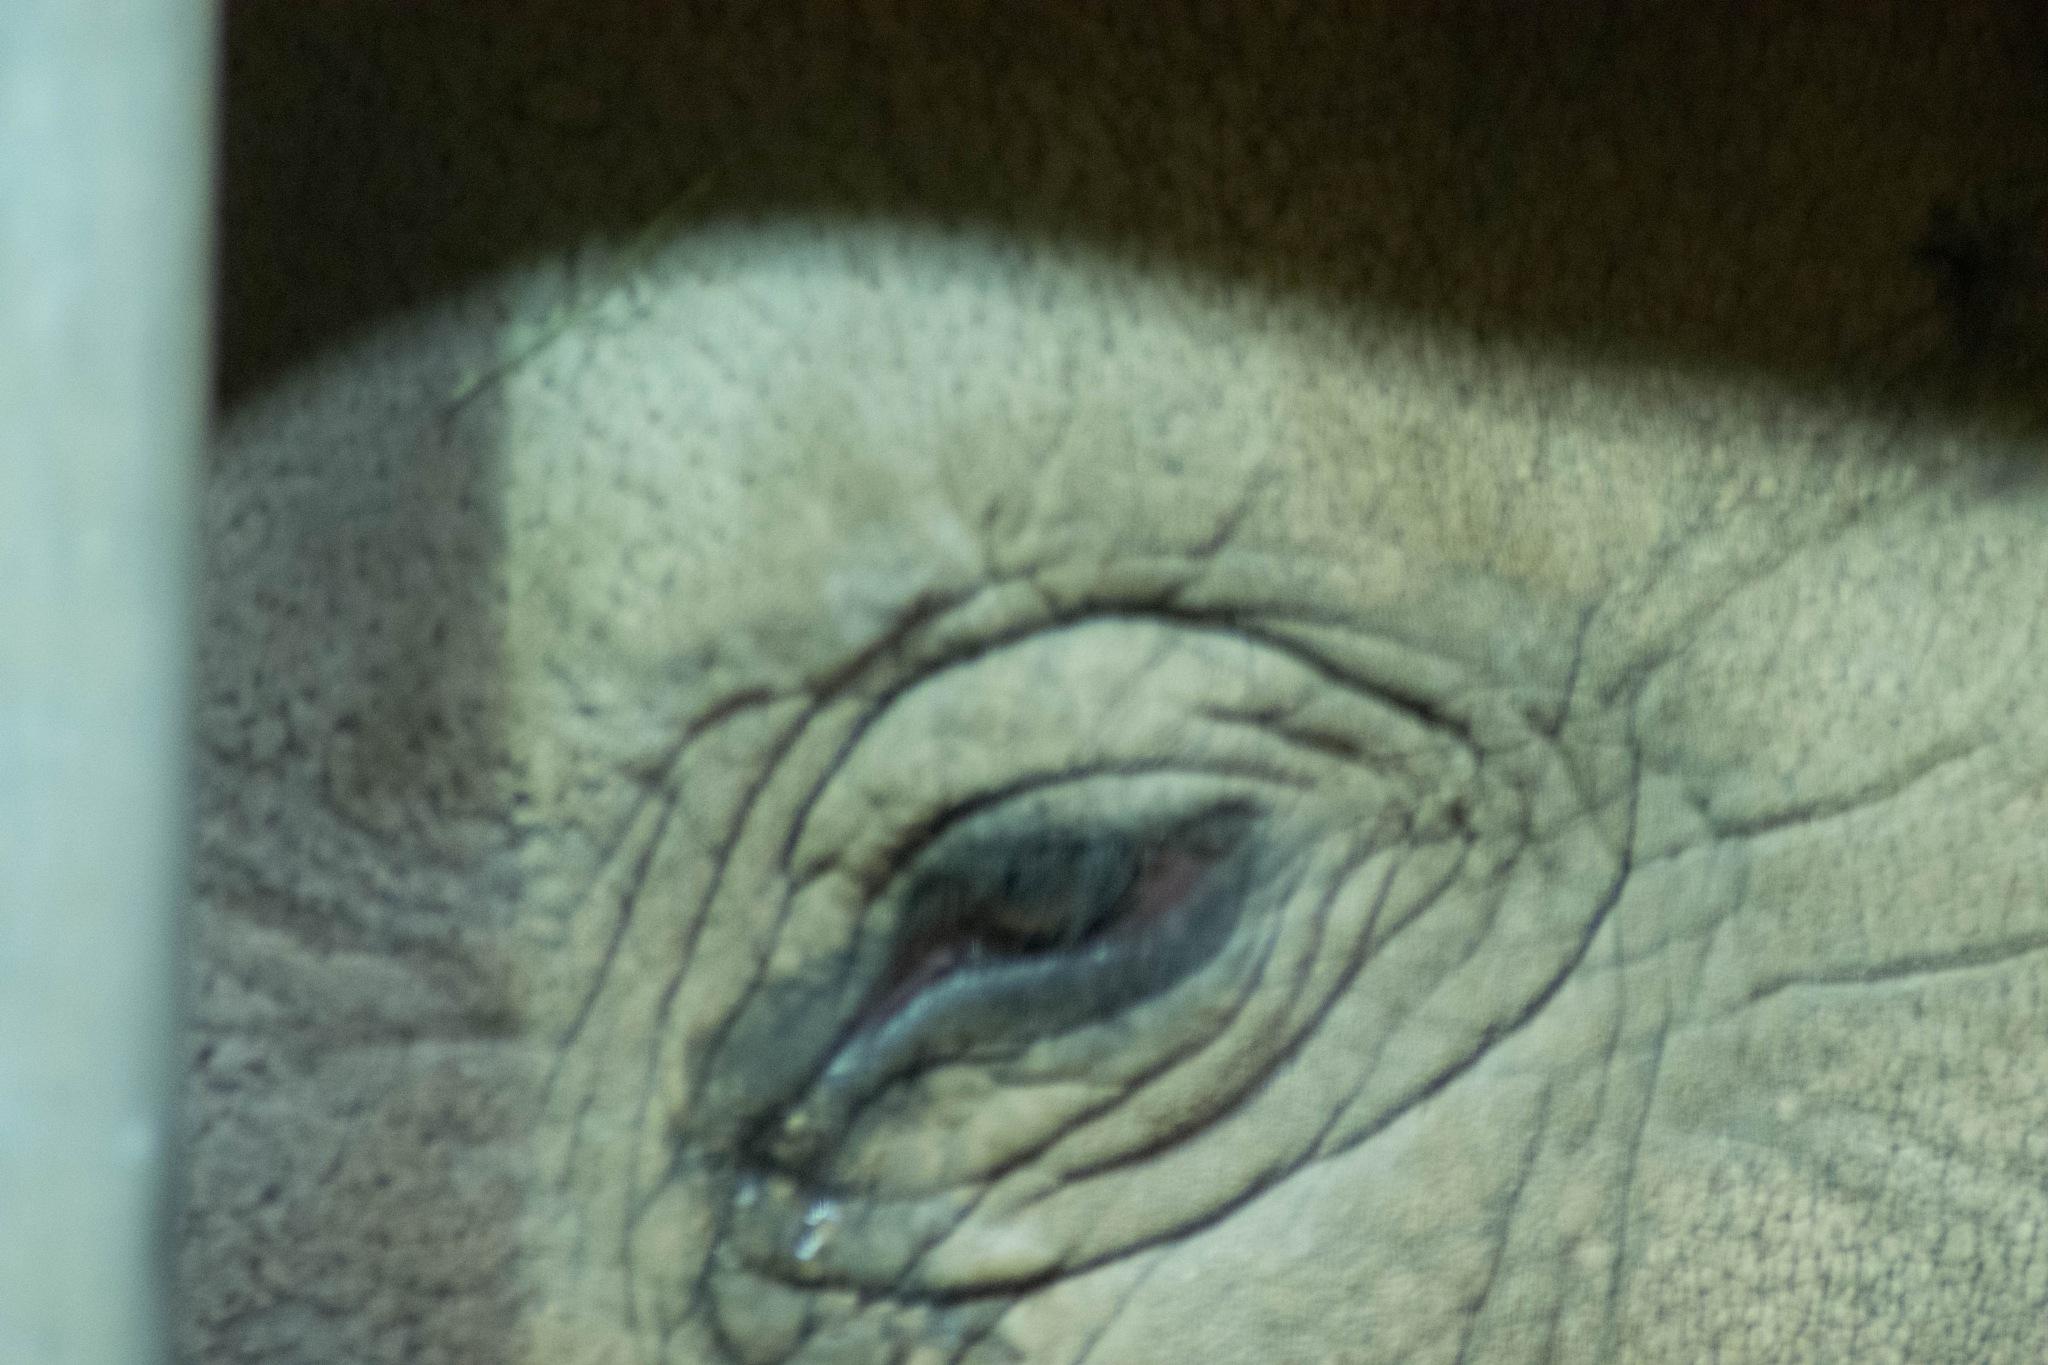 Elephant's Eye by Dan Waters